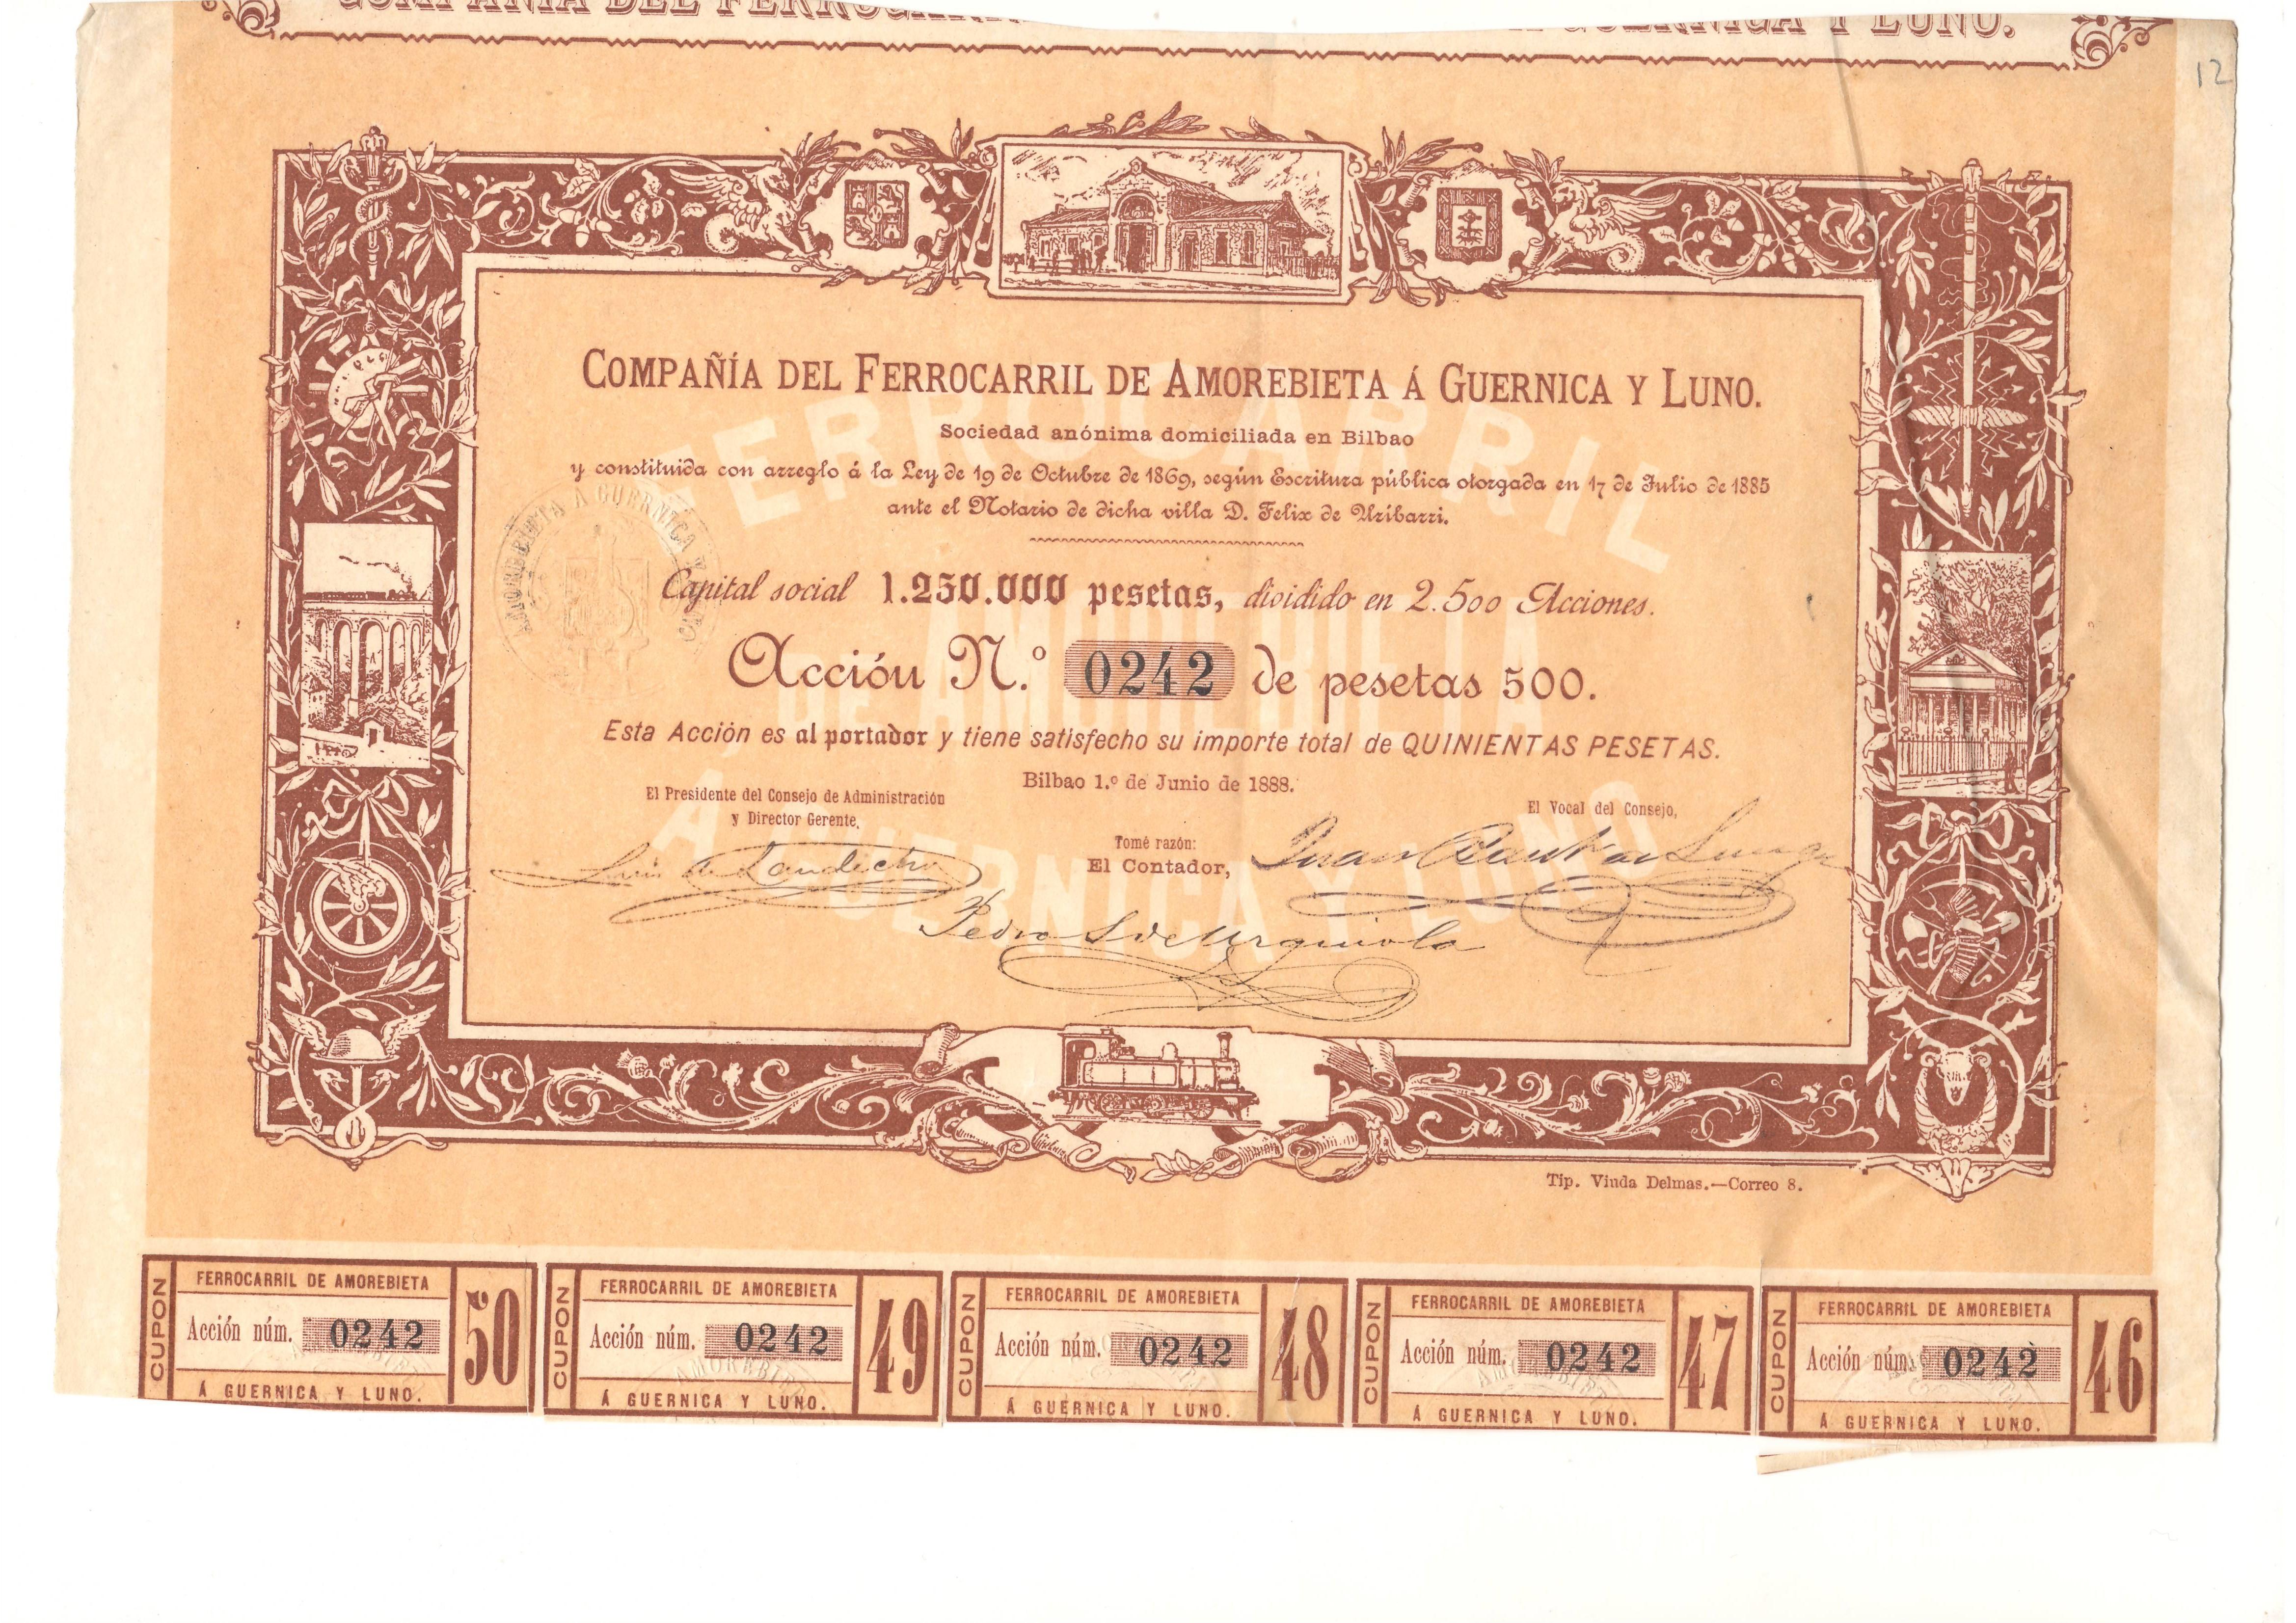 Compañía del Ferrocarril de Amorebieta a Guernica y Luno